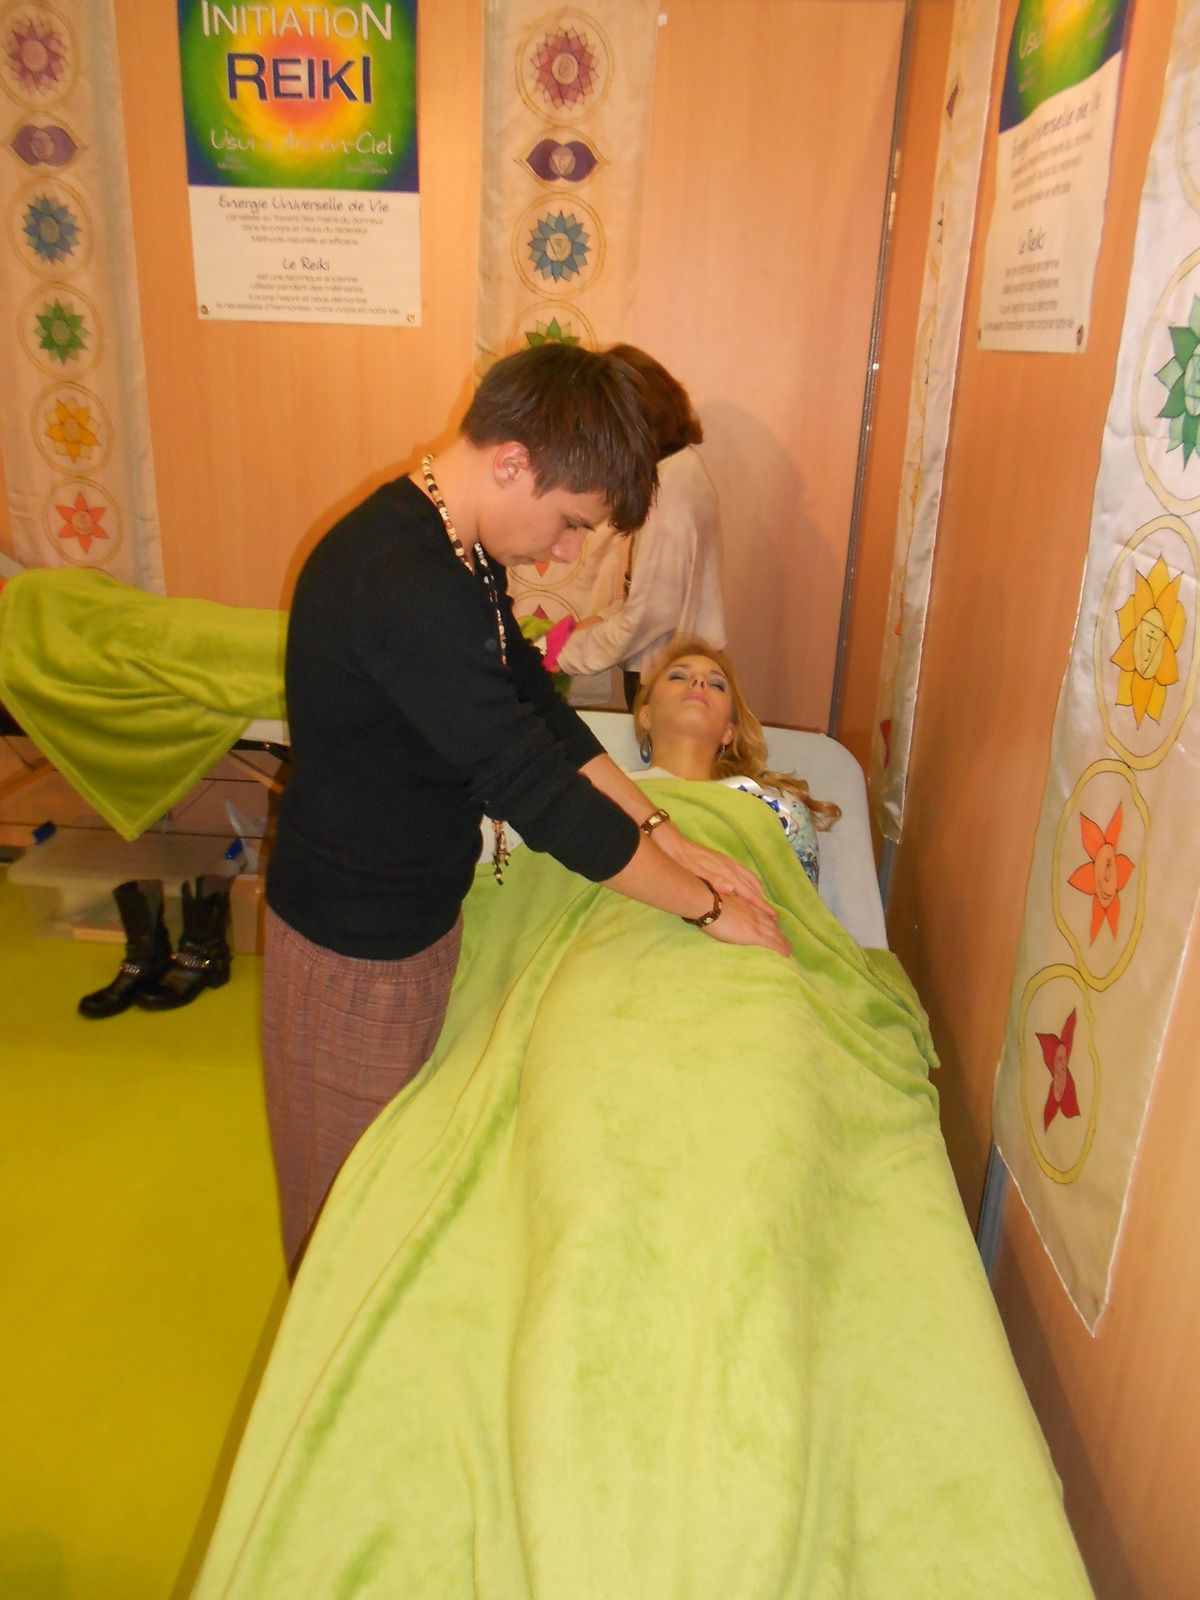 lors de sa visite au salon, Miss Picardie 2013, Manon Beurey a gentillement profité d'une séance de découverte sur notre stand